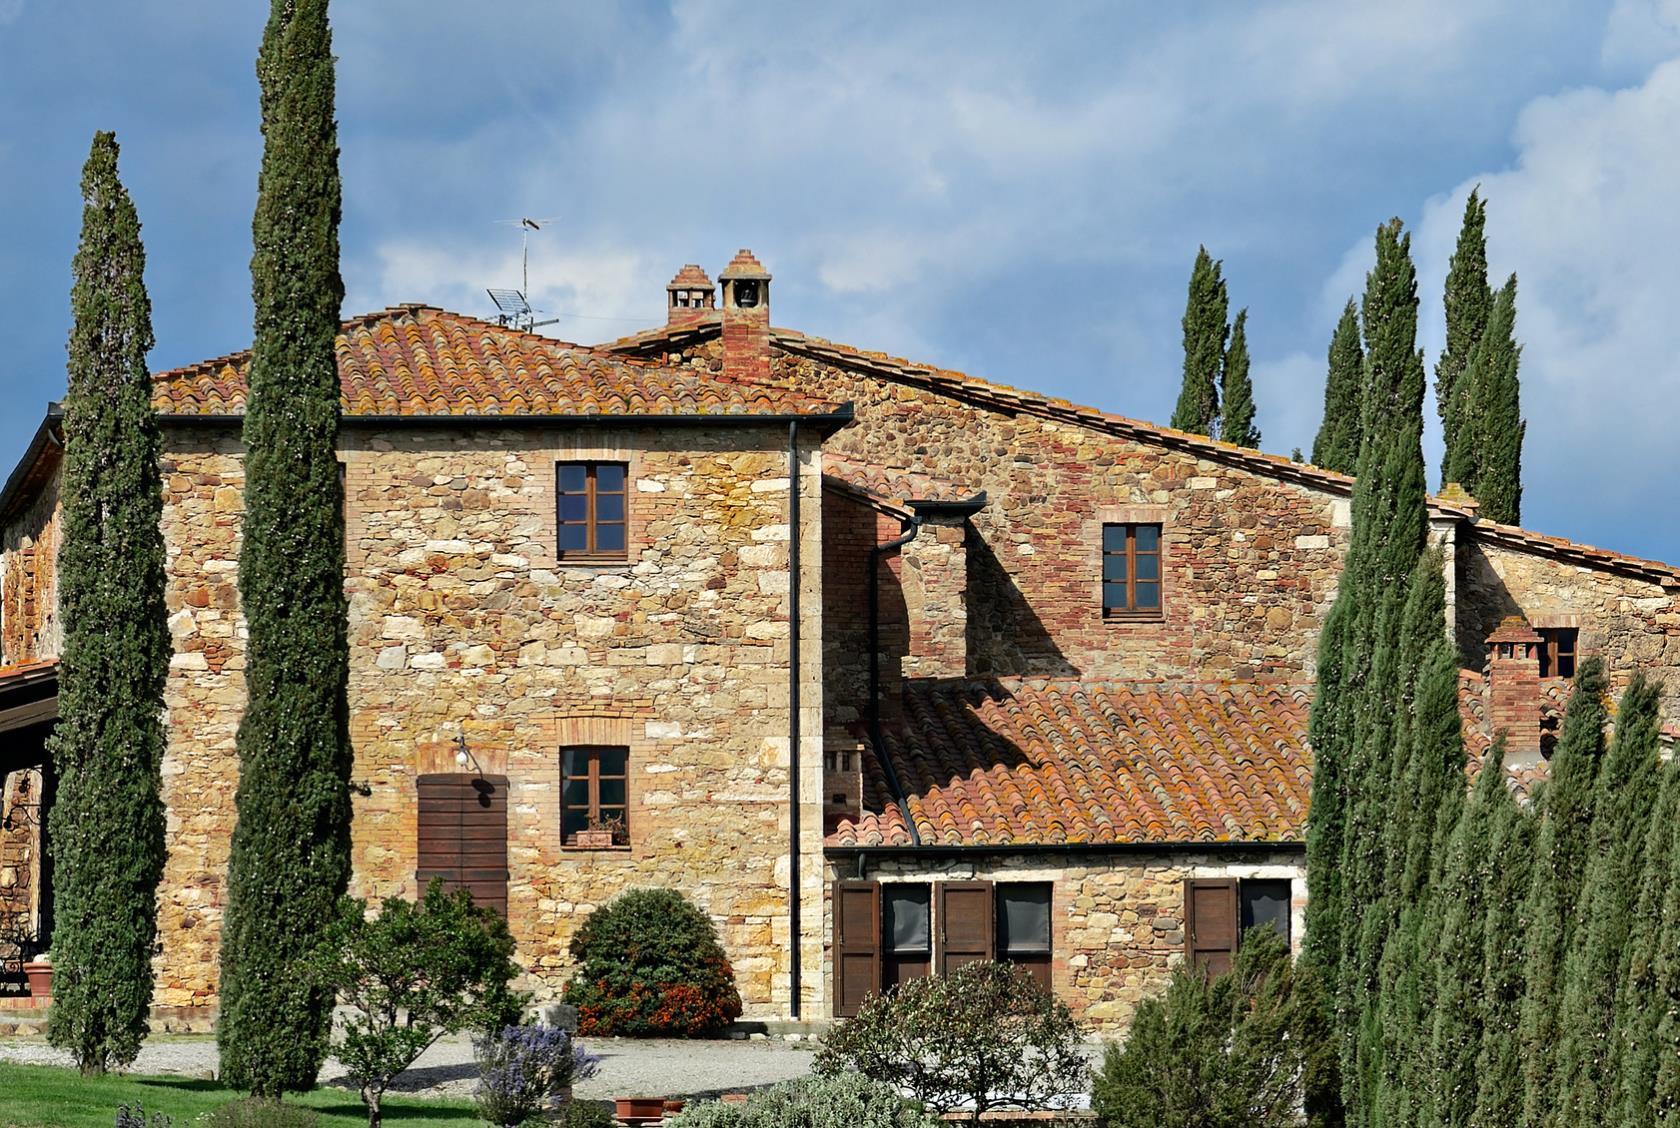 Ferienwohnungen in der Toskana San Gimignano Firenze